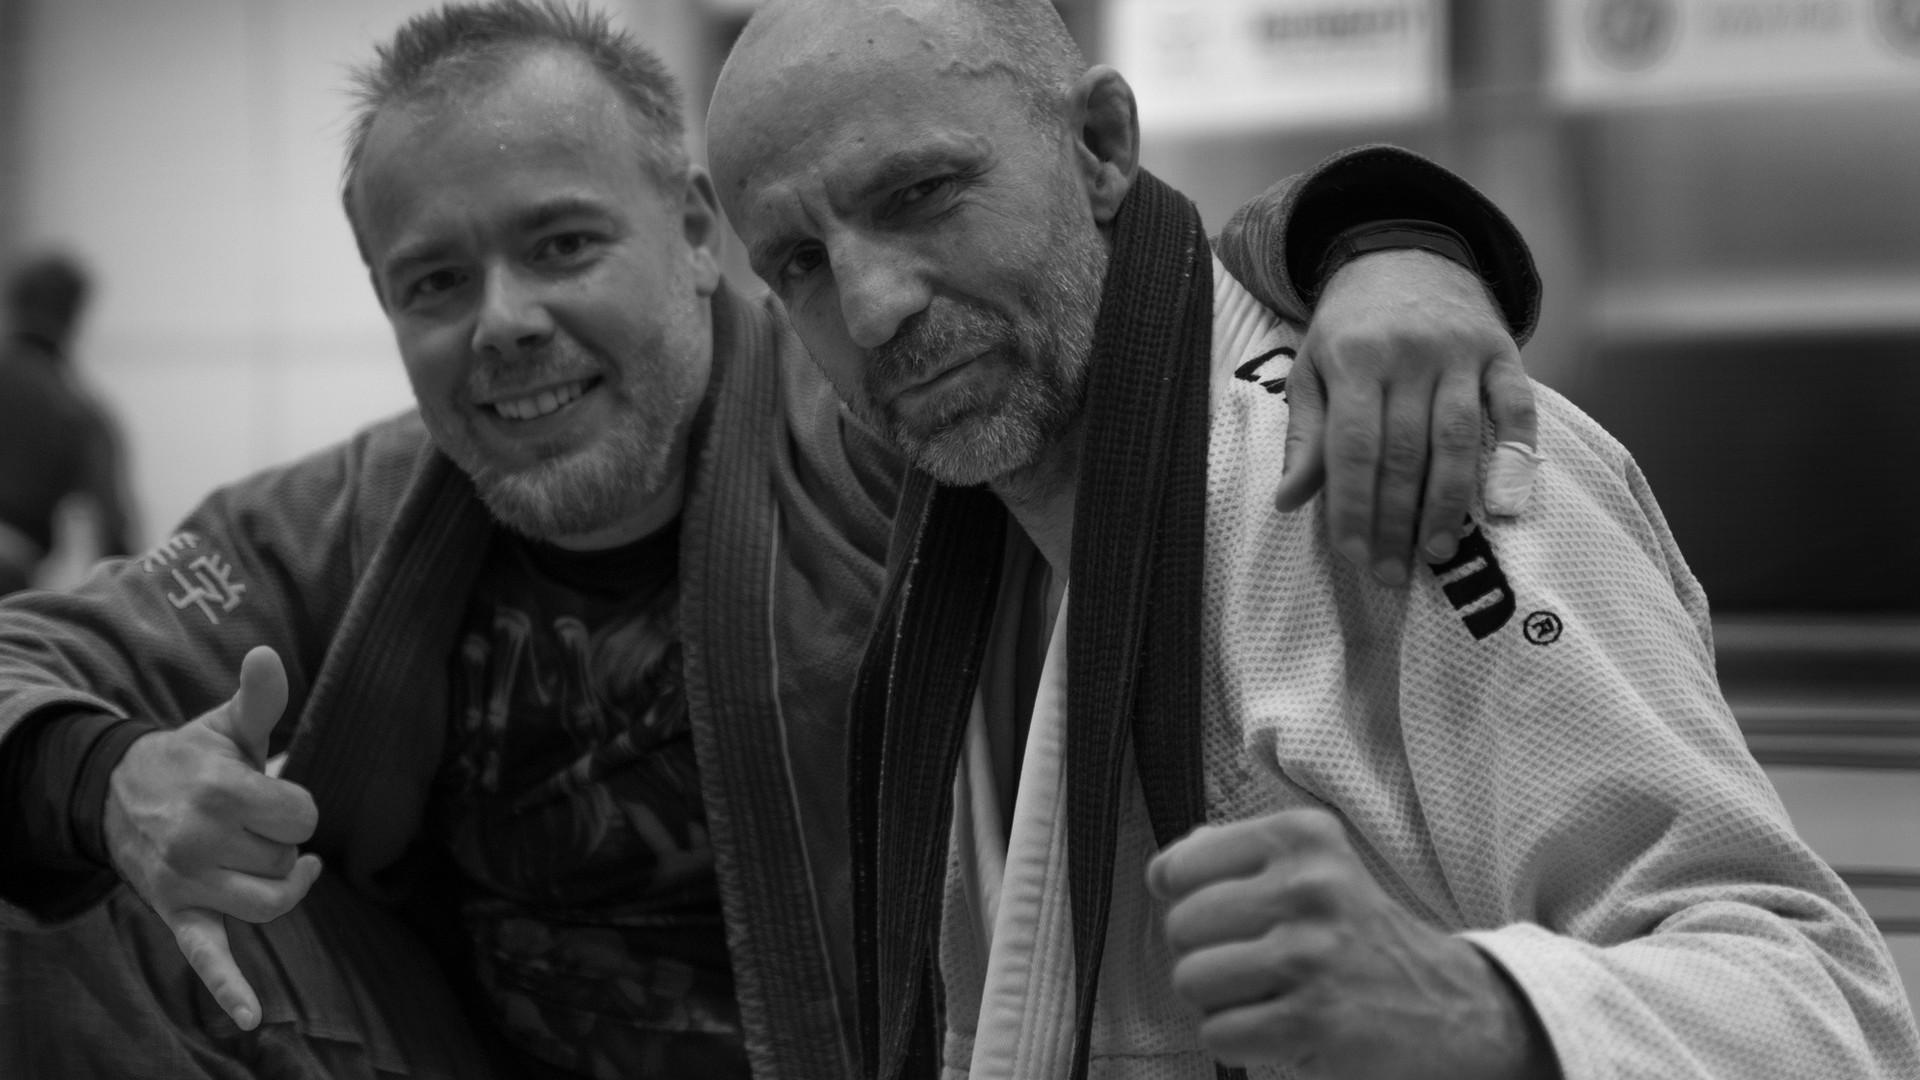 SBJJF Svenska Brasilianska Jiu-jitsu förbundet